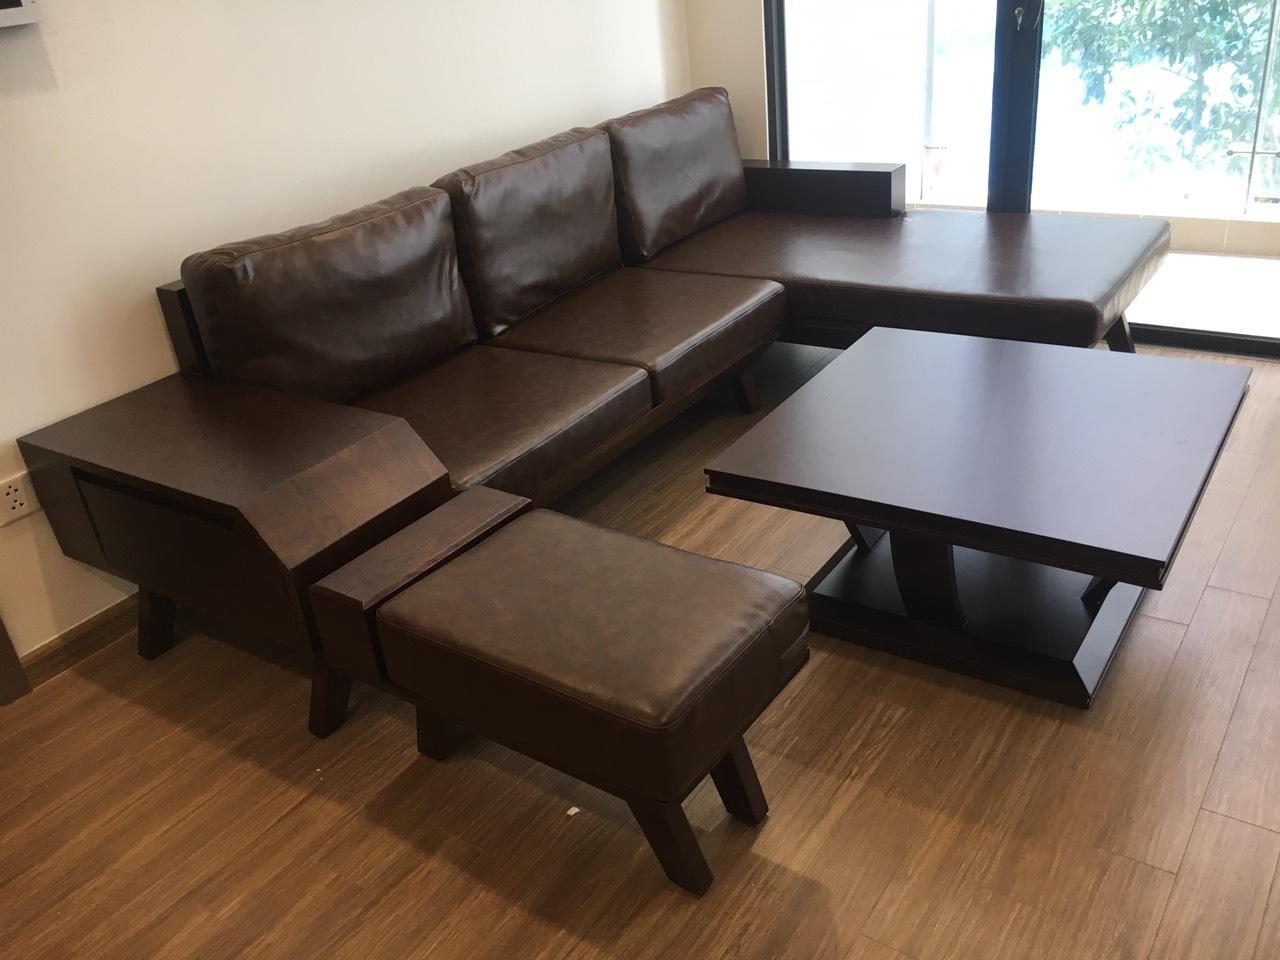 Sofa phòng khách hiện đại gòn gàng, nhẹ nhàng